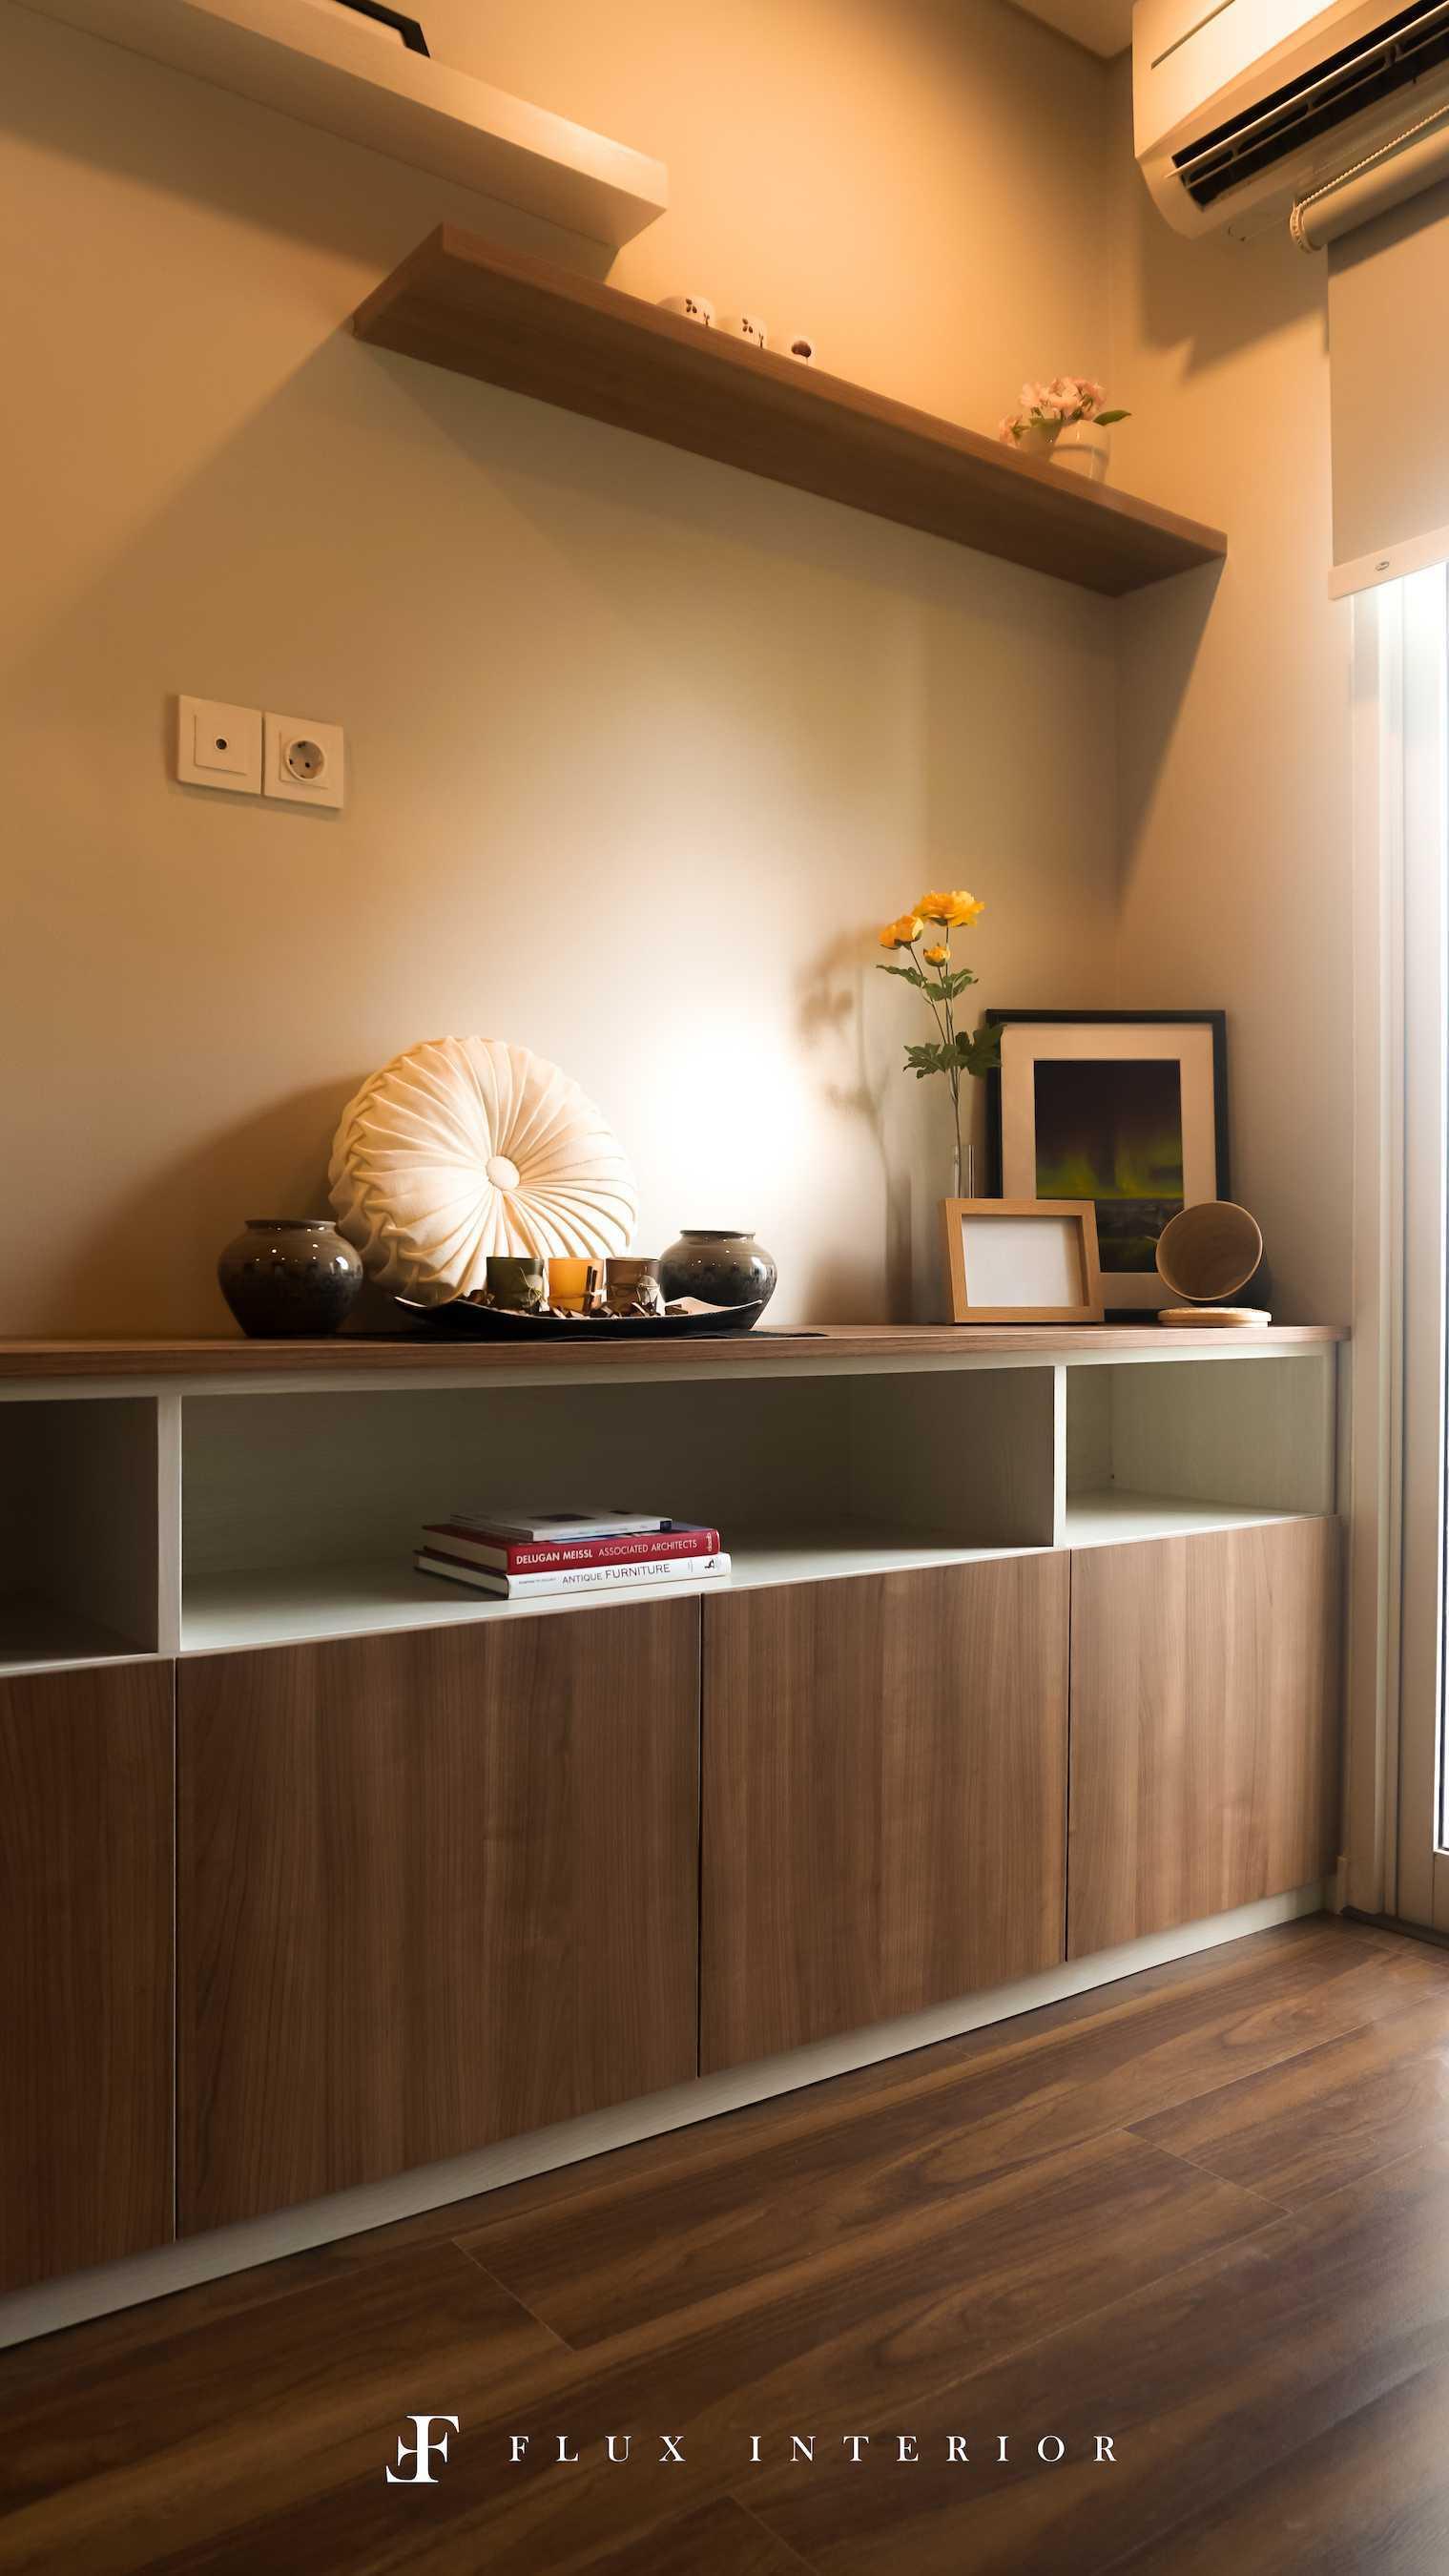 Flux Interior Loft-Style Studio Apartment At Madison Park Residences, West Jakarta Jakarta Barat, Kb. Jeruk, Kota Jakarta Barat, Daerah Khusus Ibukota Jakarta, Indonesia  View From Bed Area To Tv Credenza Minimalis  51841